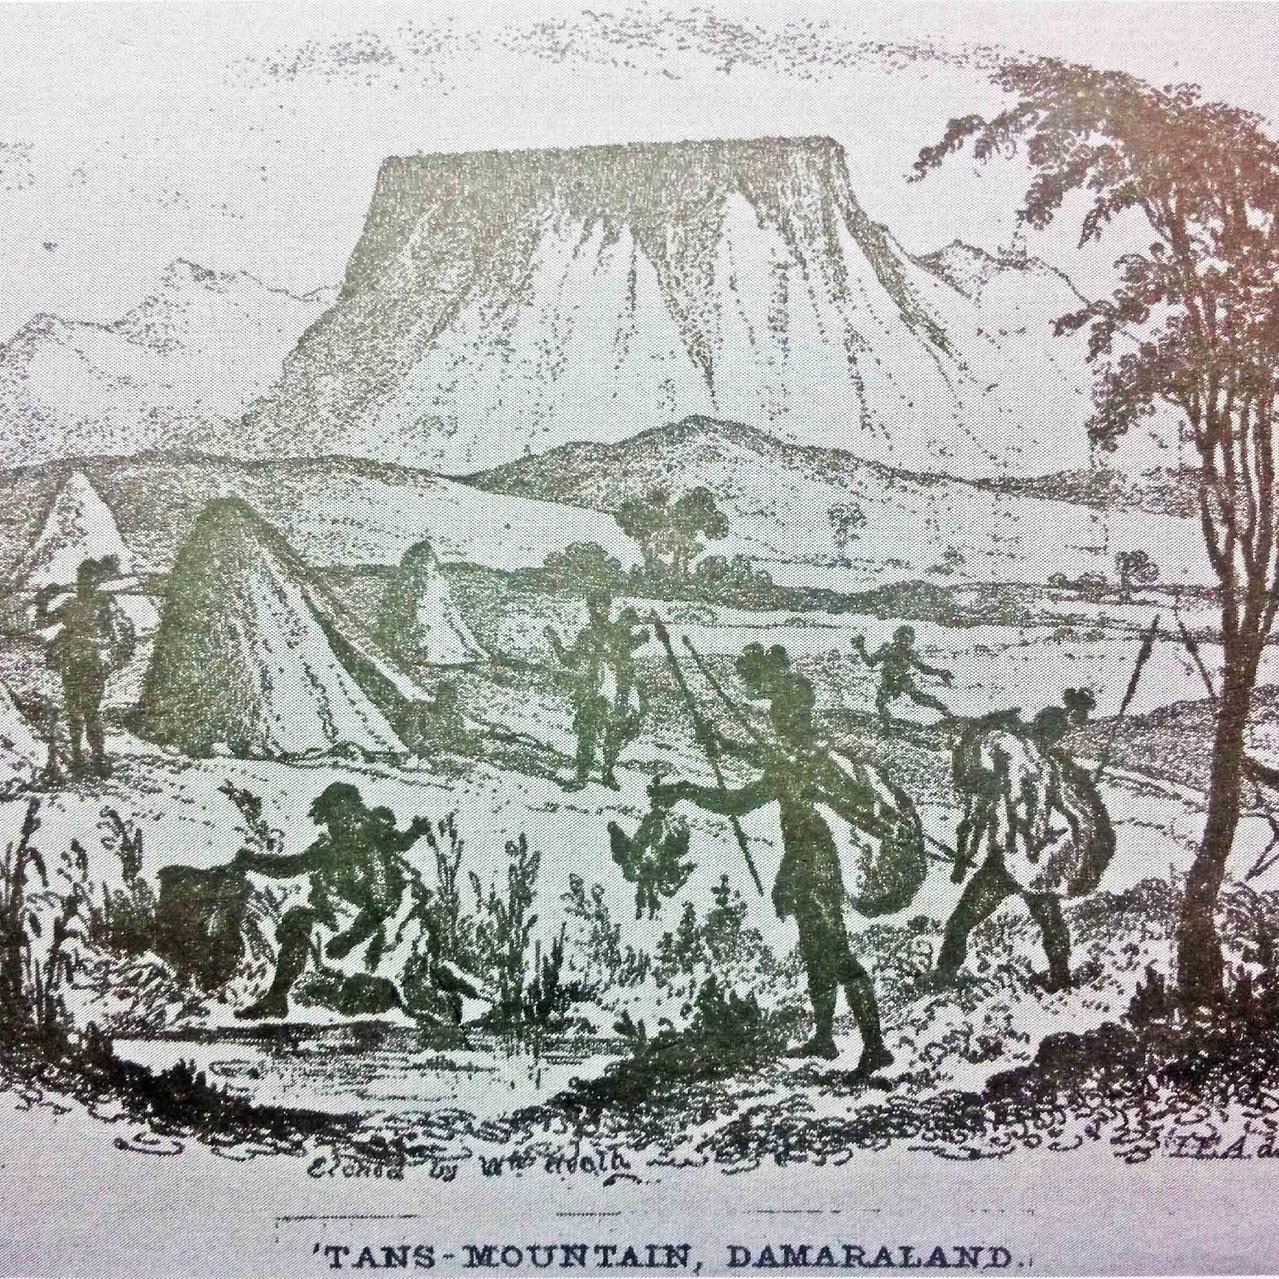 'Tans Mountain, Alexander 1837